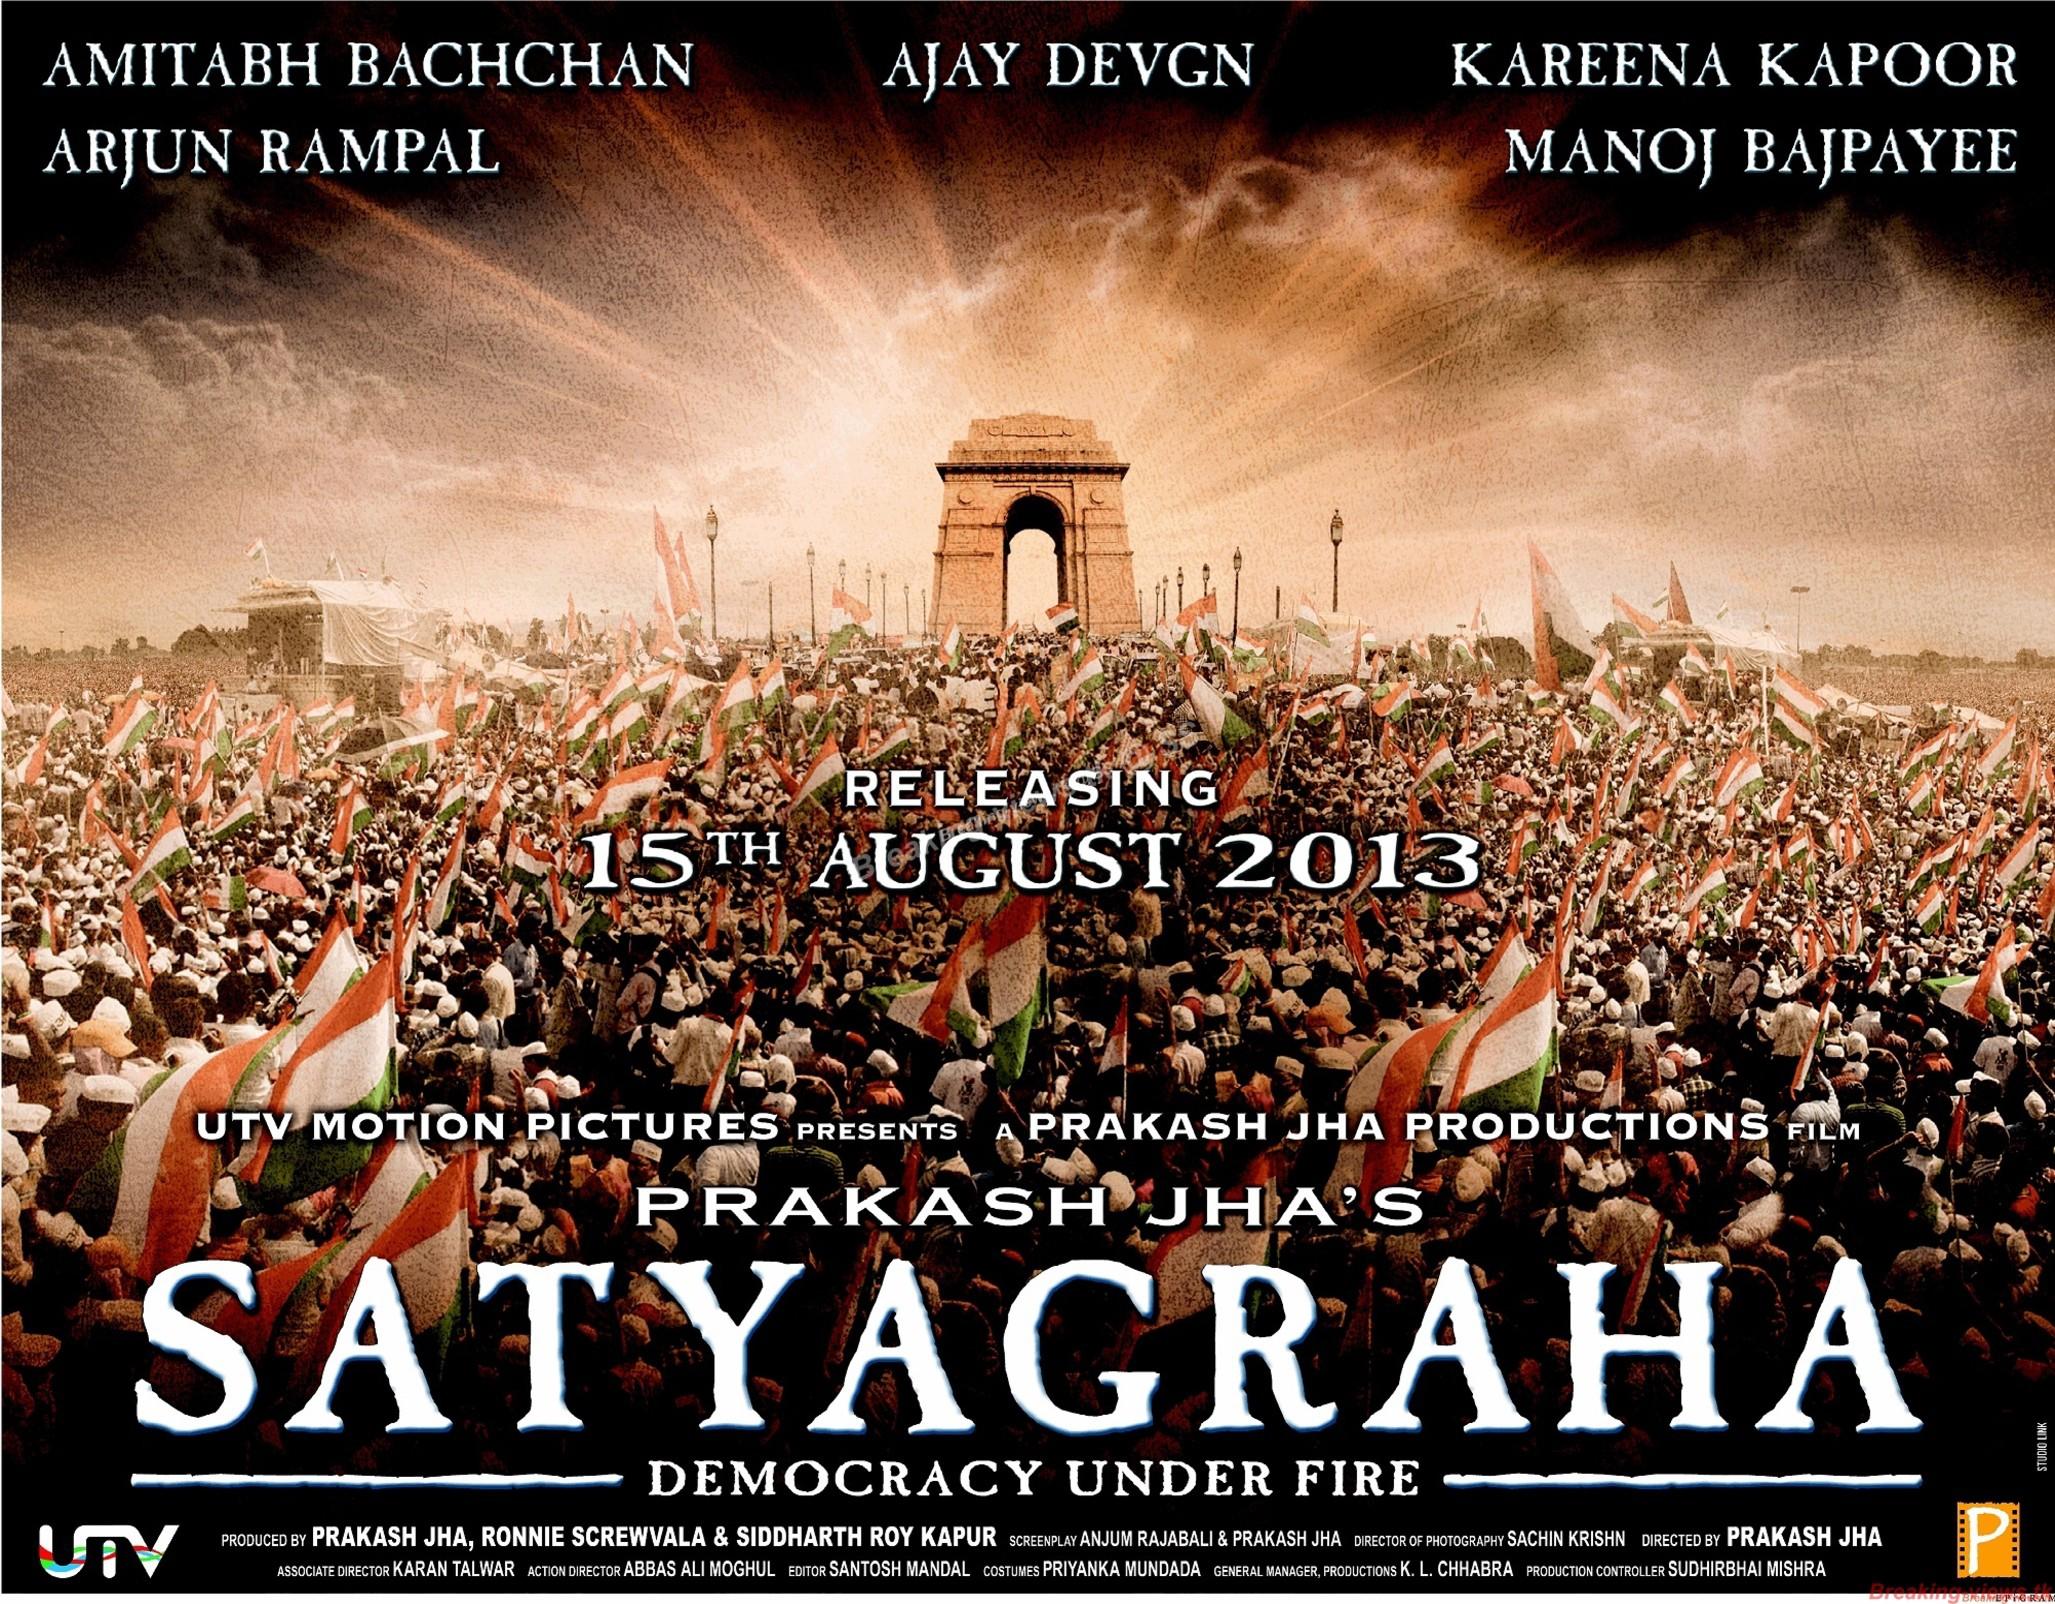 Satyagraha - Movie Poster #1 (Original)